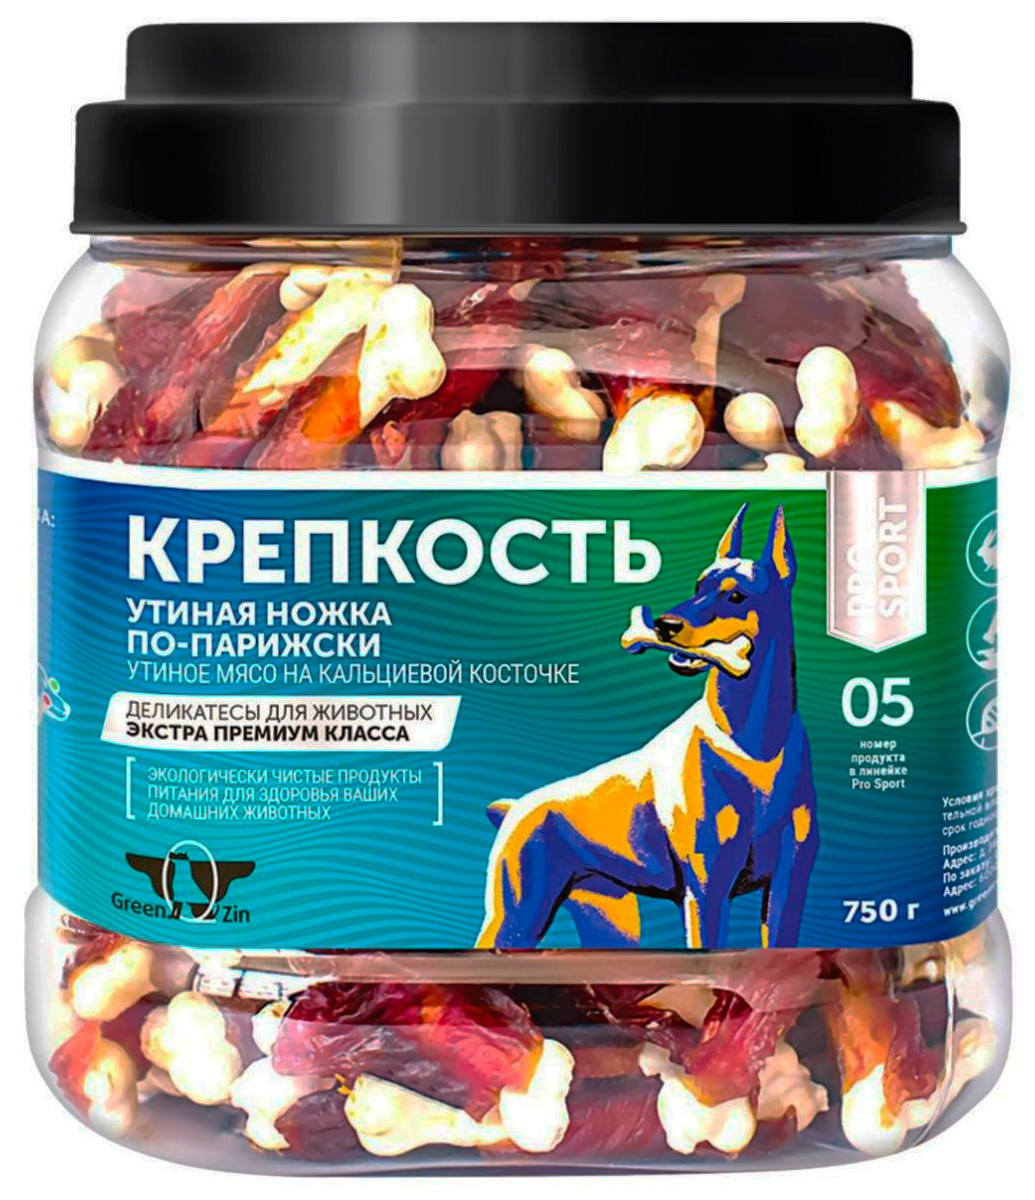 Лакомство Green Qzin КрепКость для собак всех пород кальциевые косточки с уткой 750 гр (1 шт)